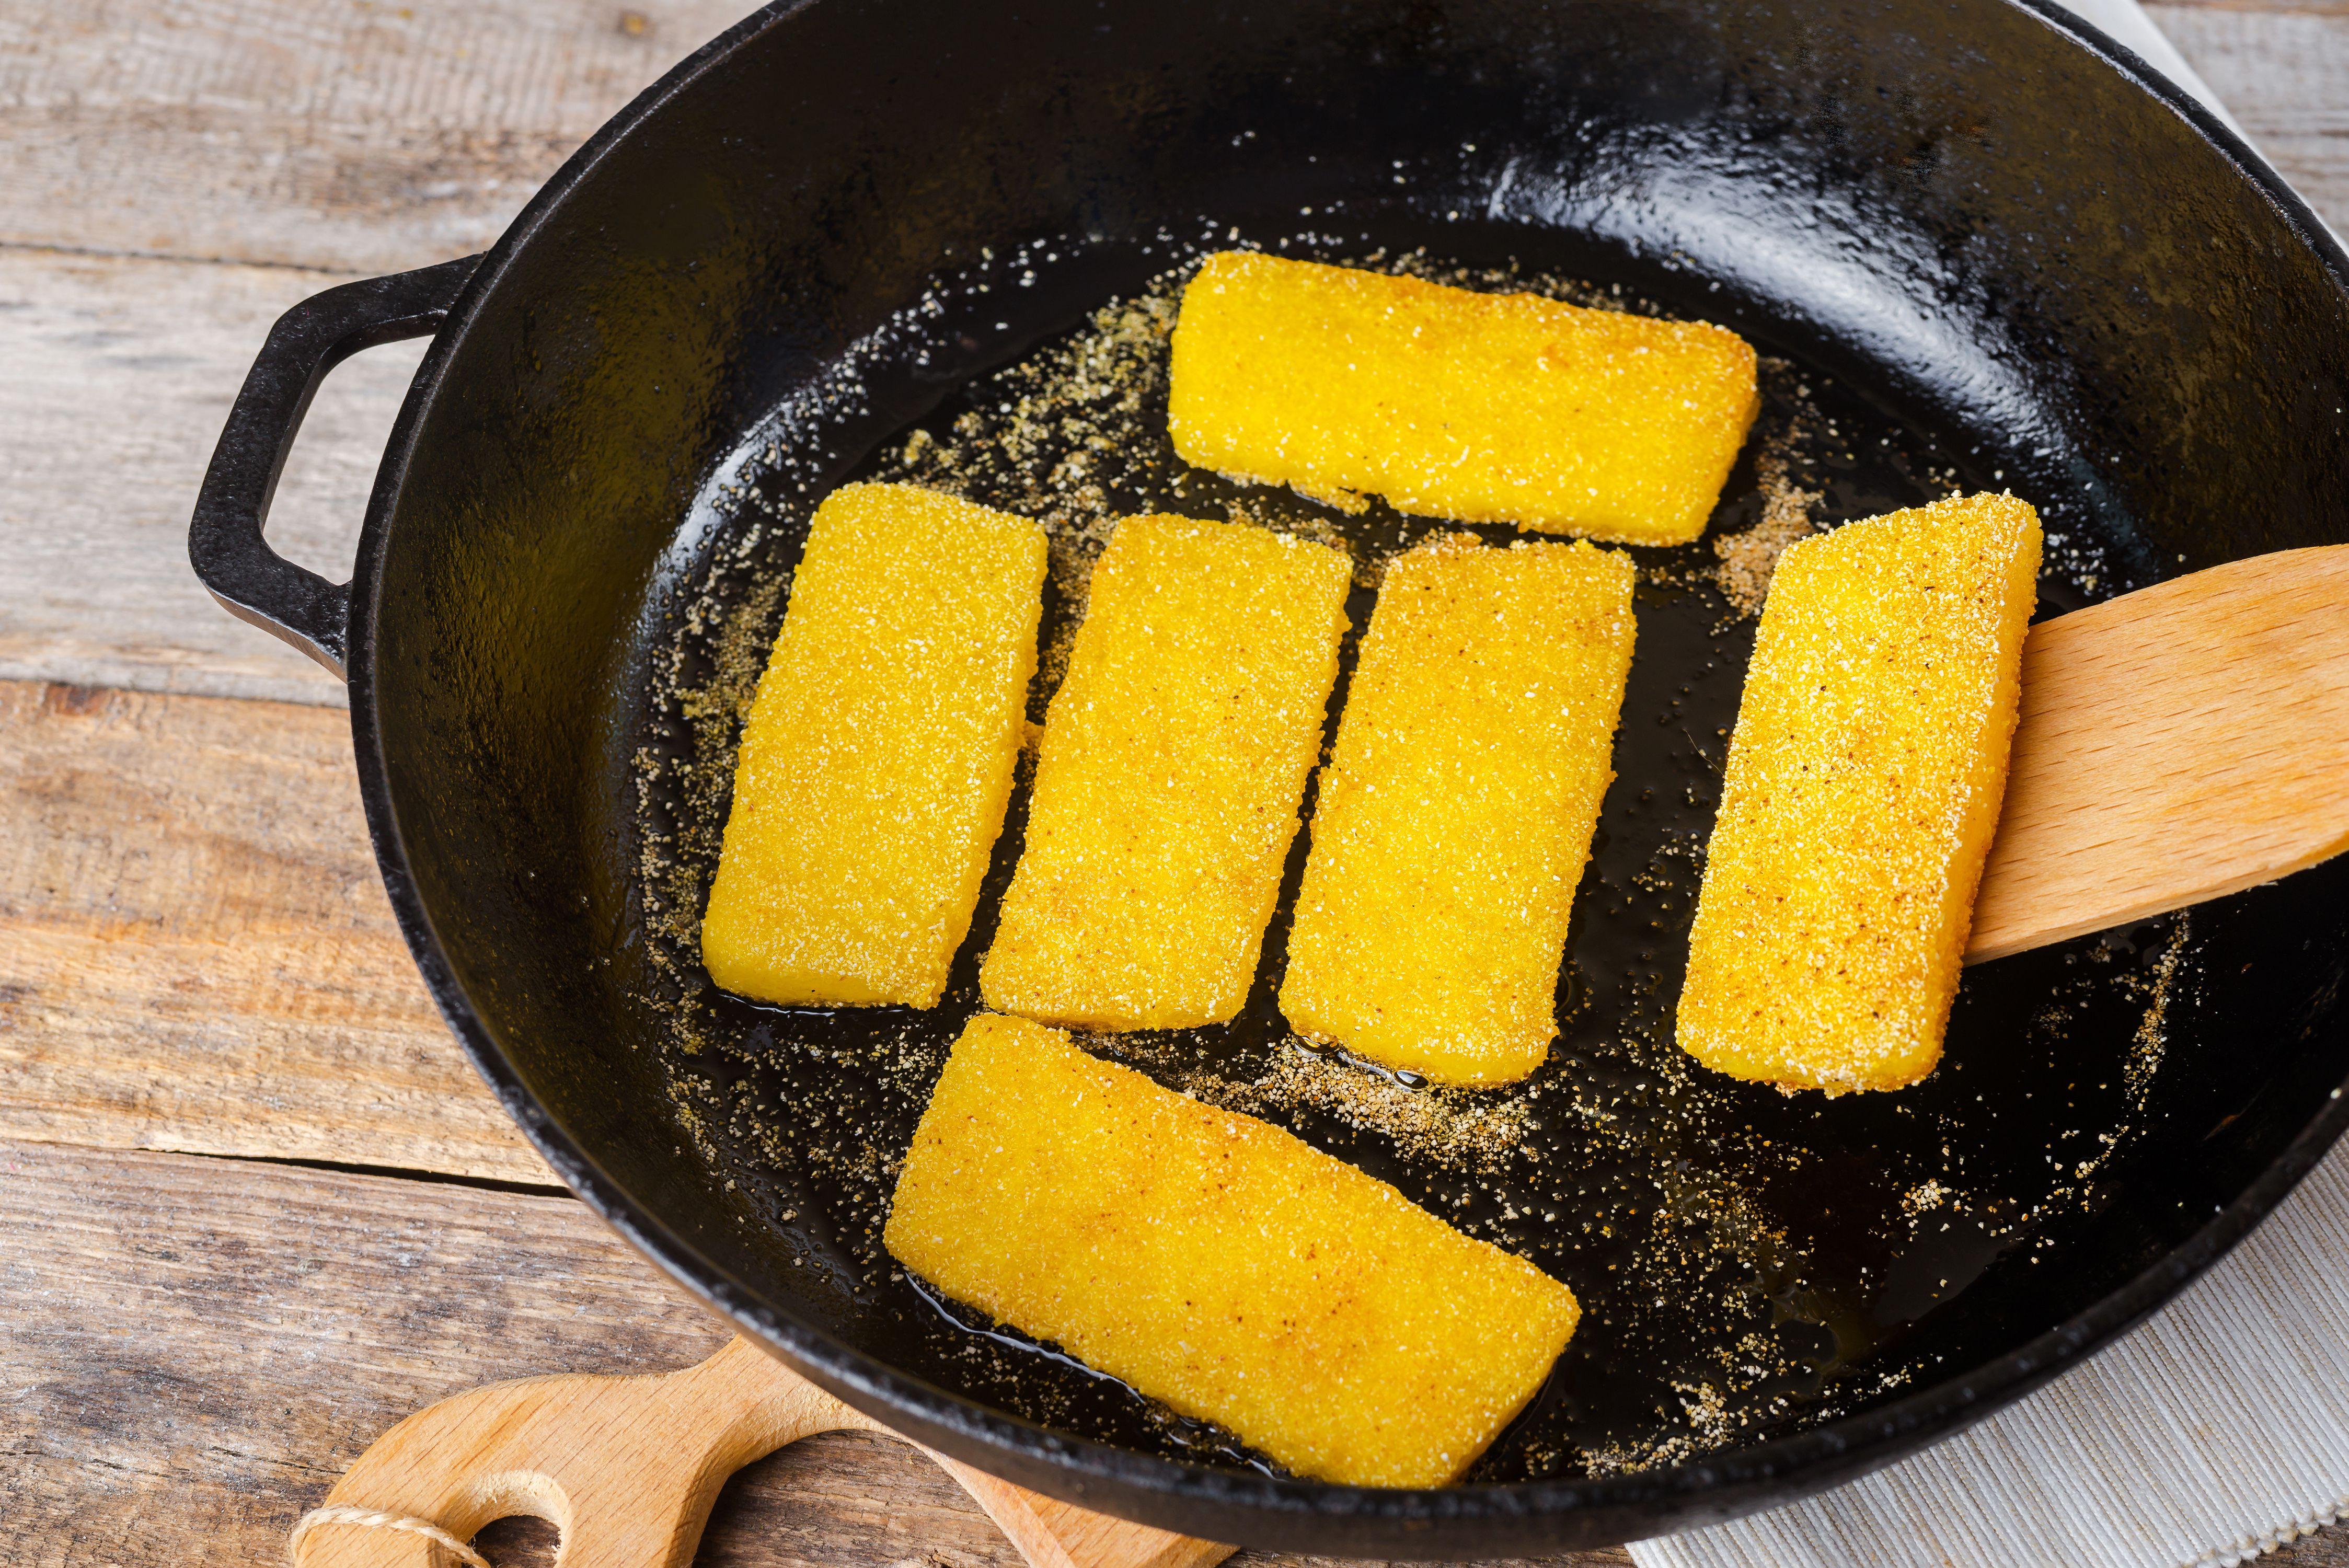 Flip cornmeal slices in the skillet